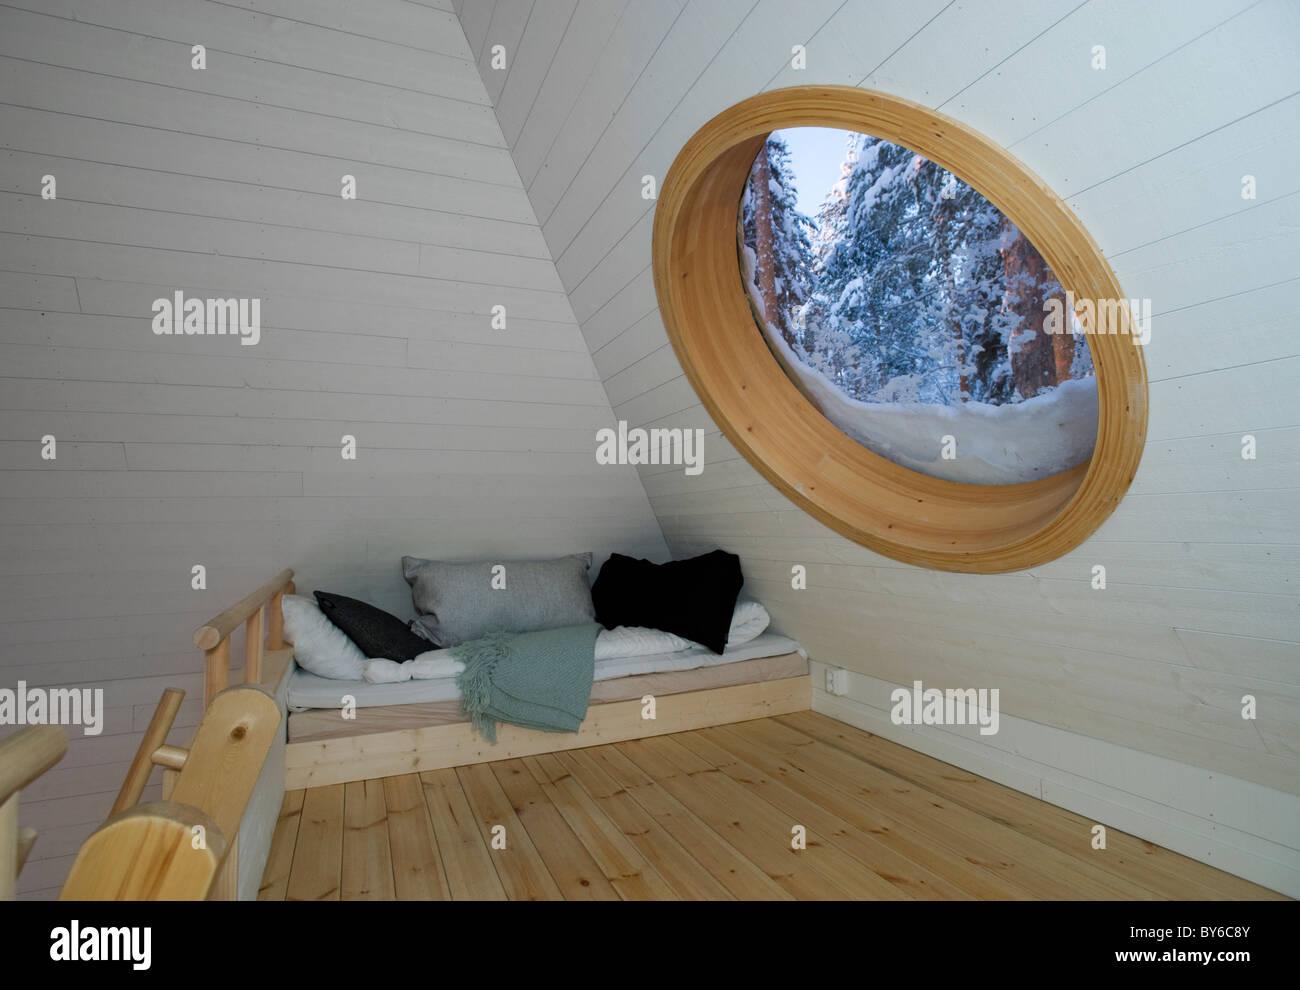 Treehotel Stockfotos & Treehotel Bilder - Alamy